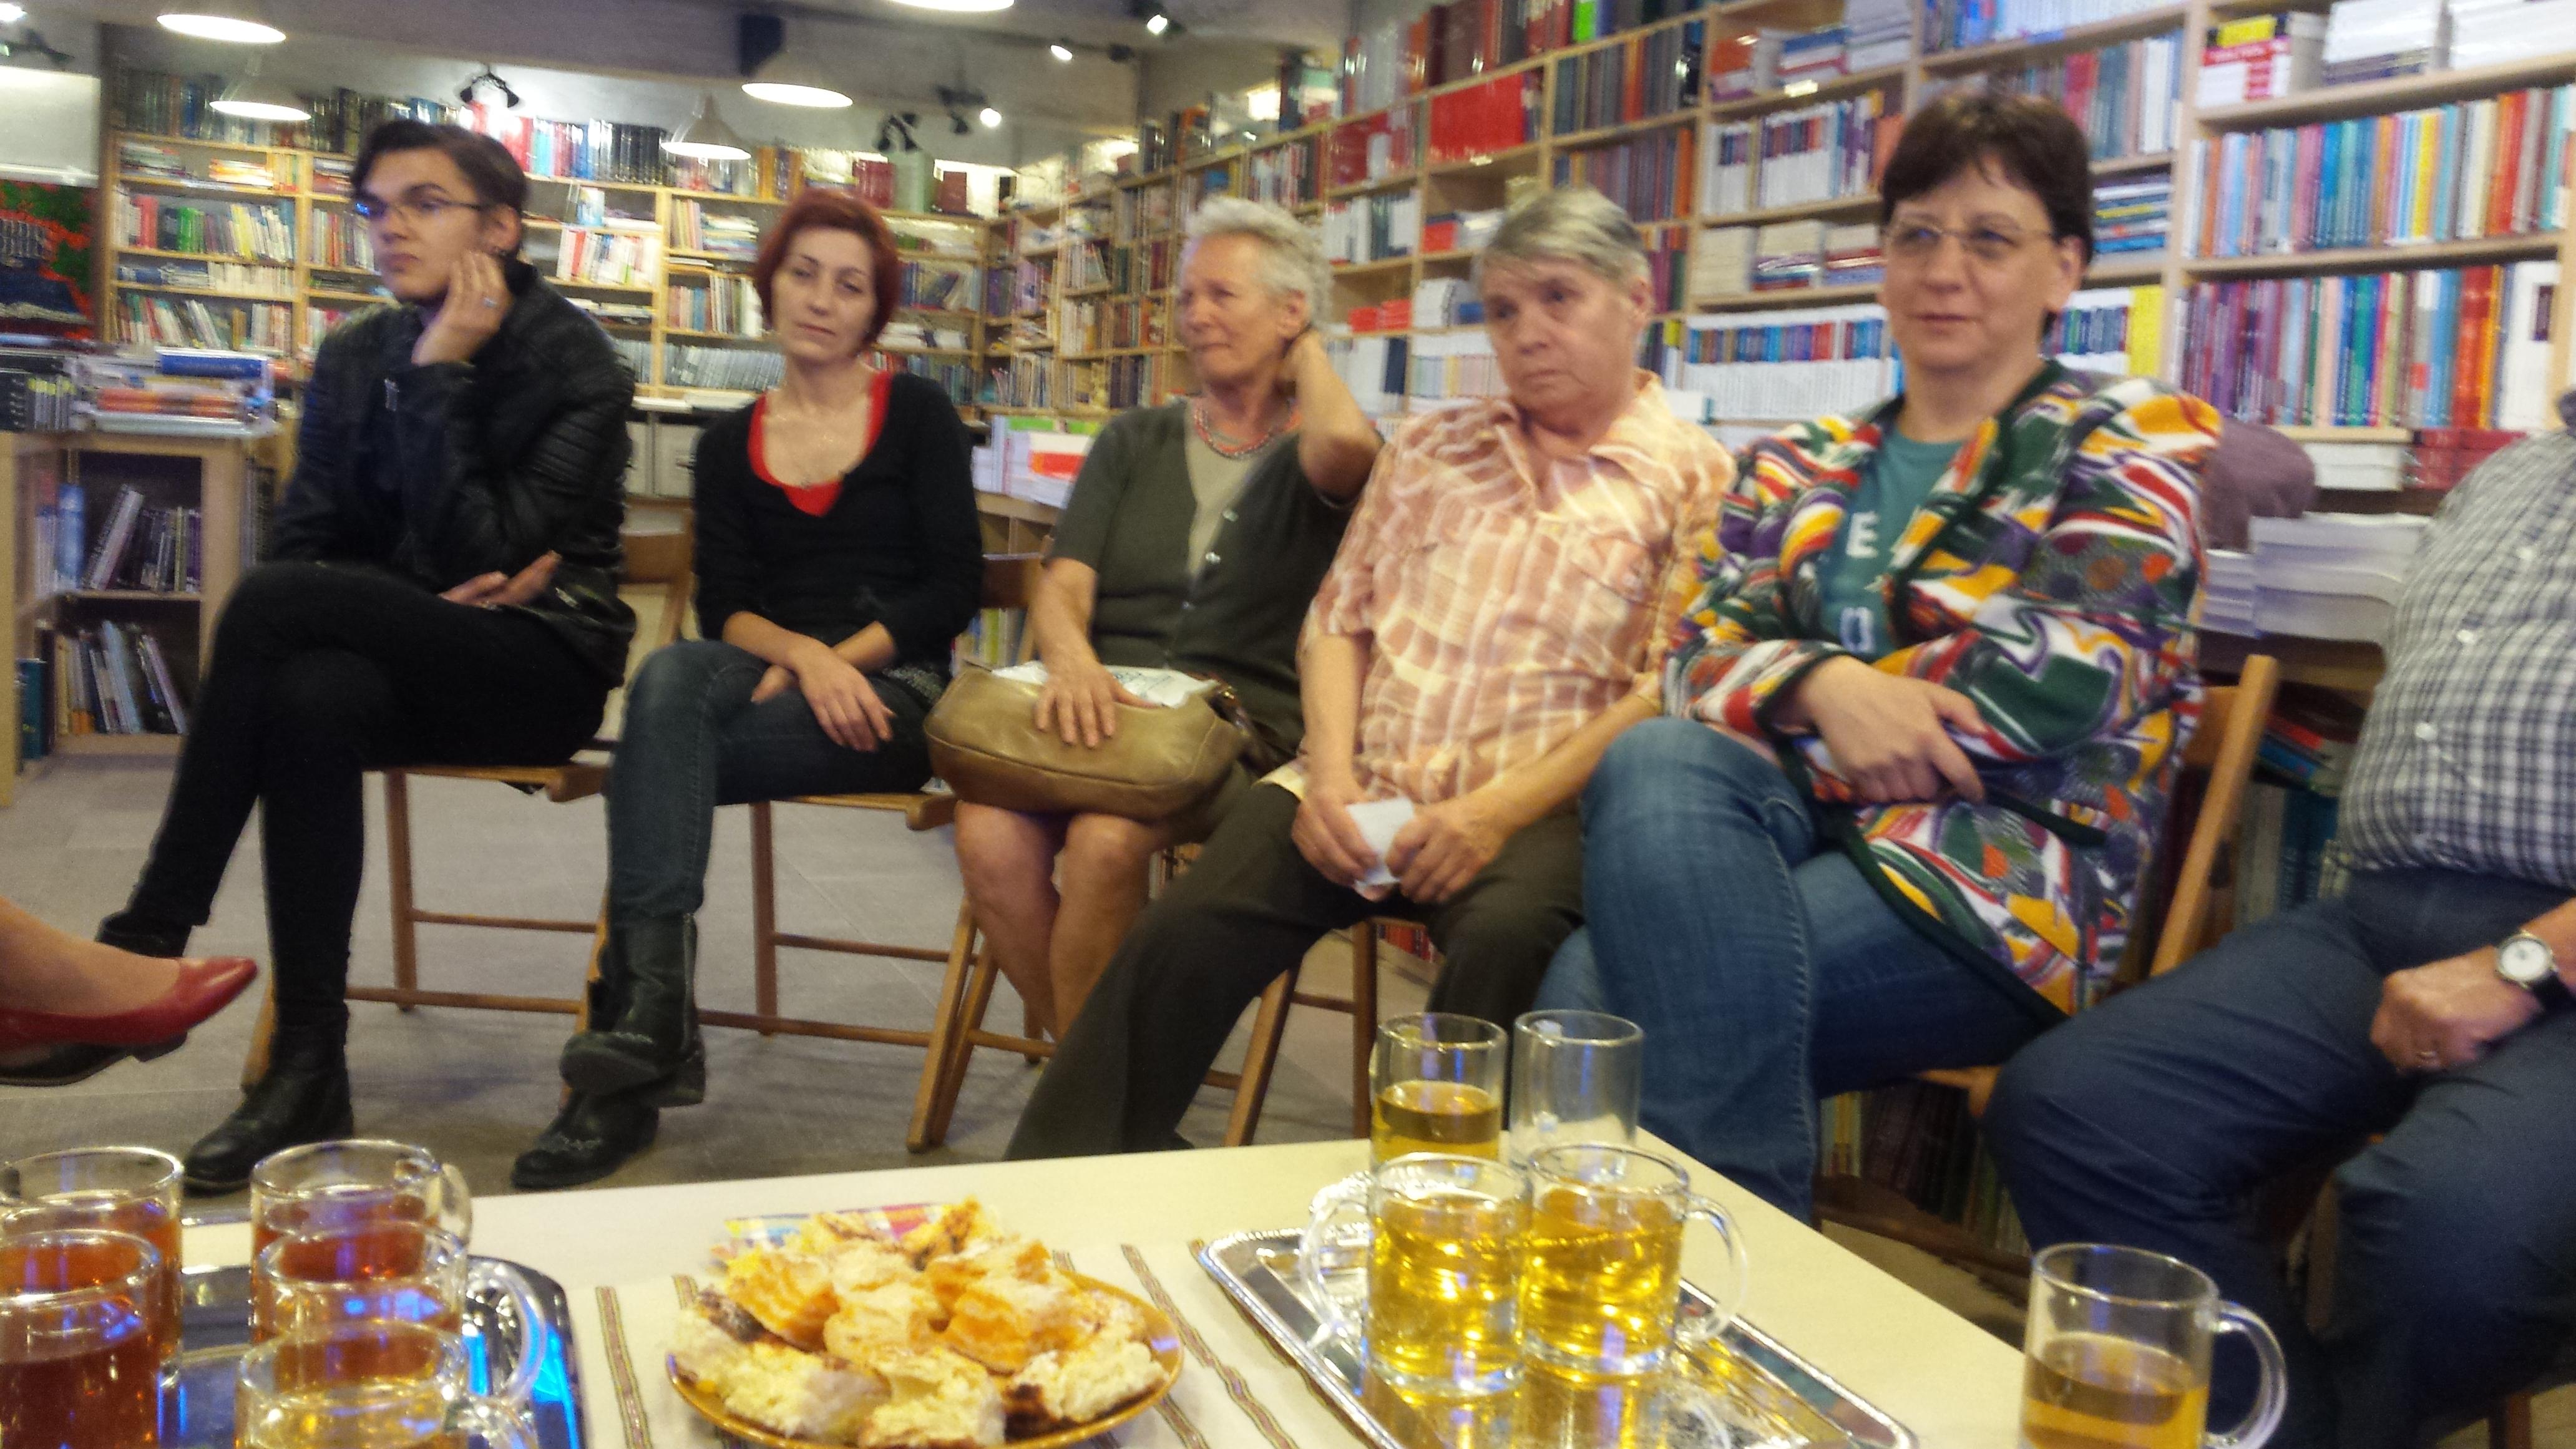 club de lectura st o iosif platforma